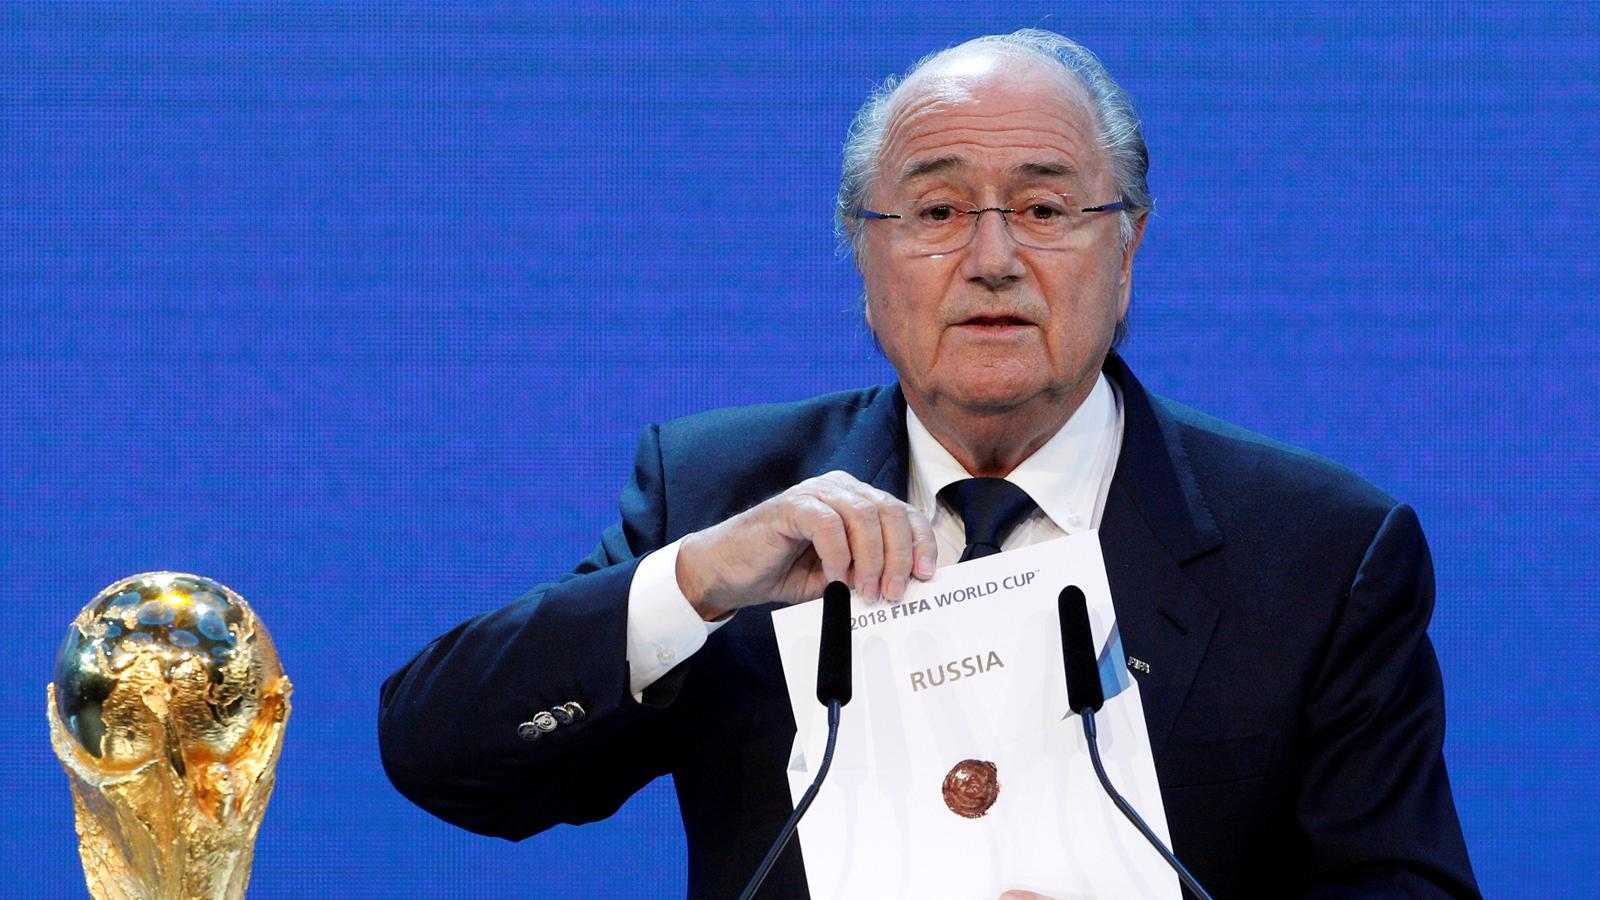 Russie qatar duo gagnant coupe du monde 2018 football eurosport - Gagnant de la coupe du monde ...